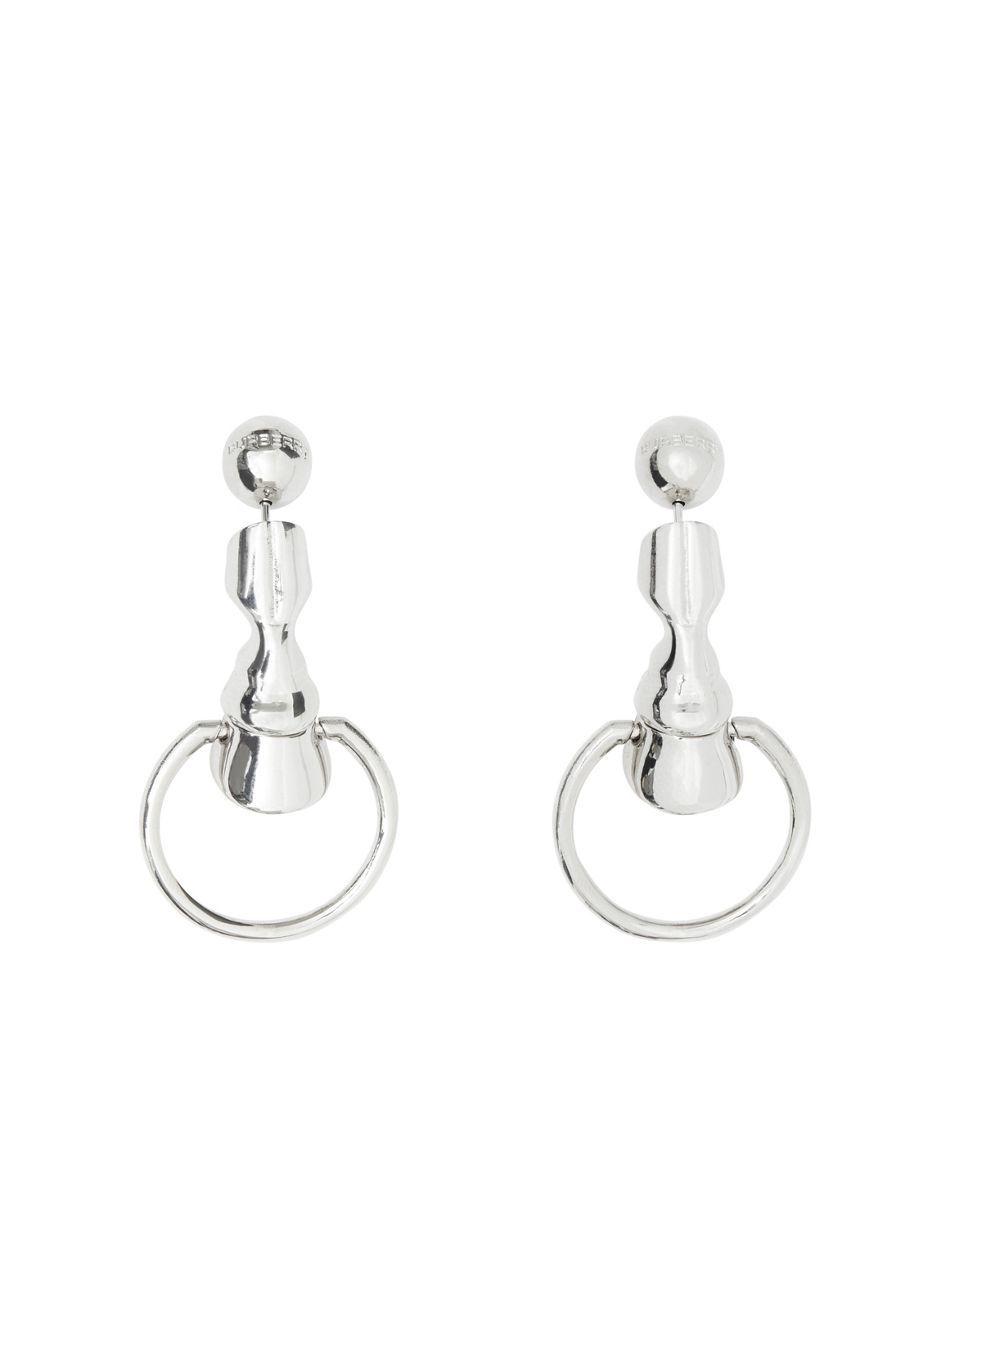 BURBERRY | Burberry Palladium-Plated Hoof Hoop Earrings | Goxip